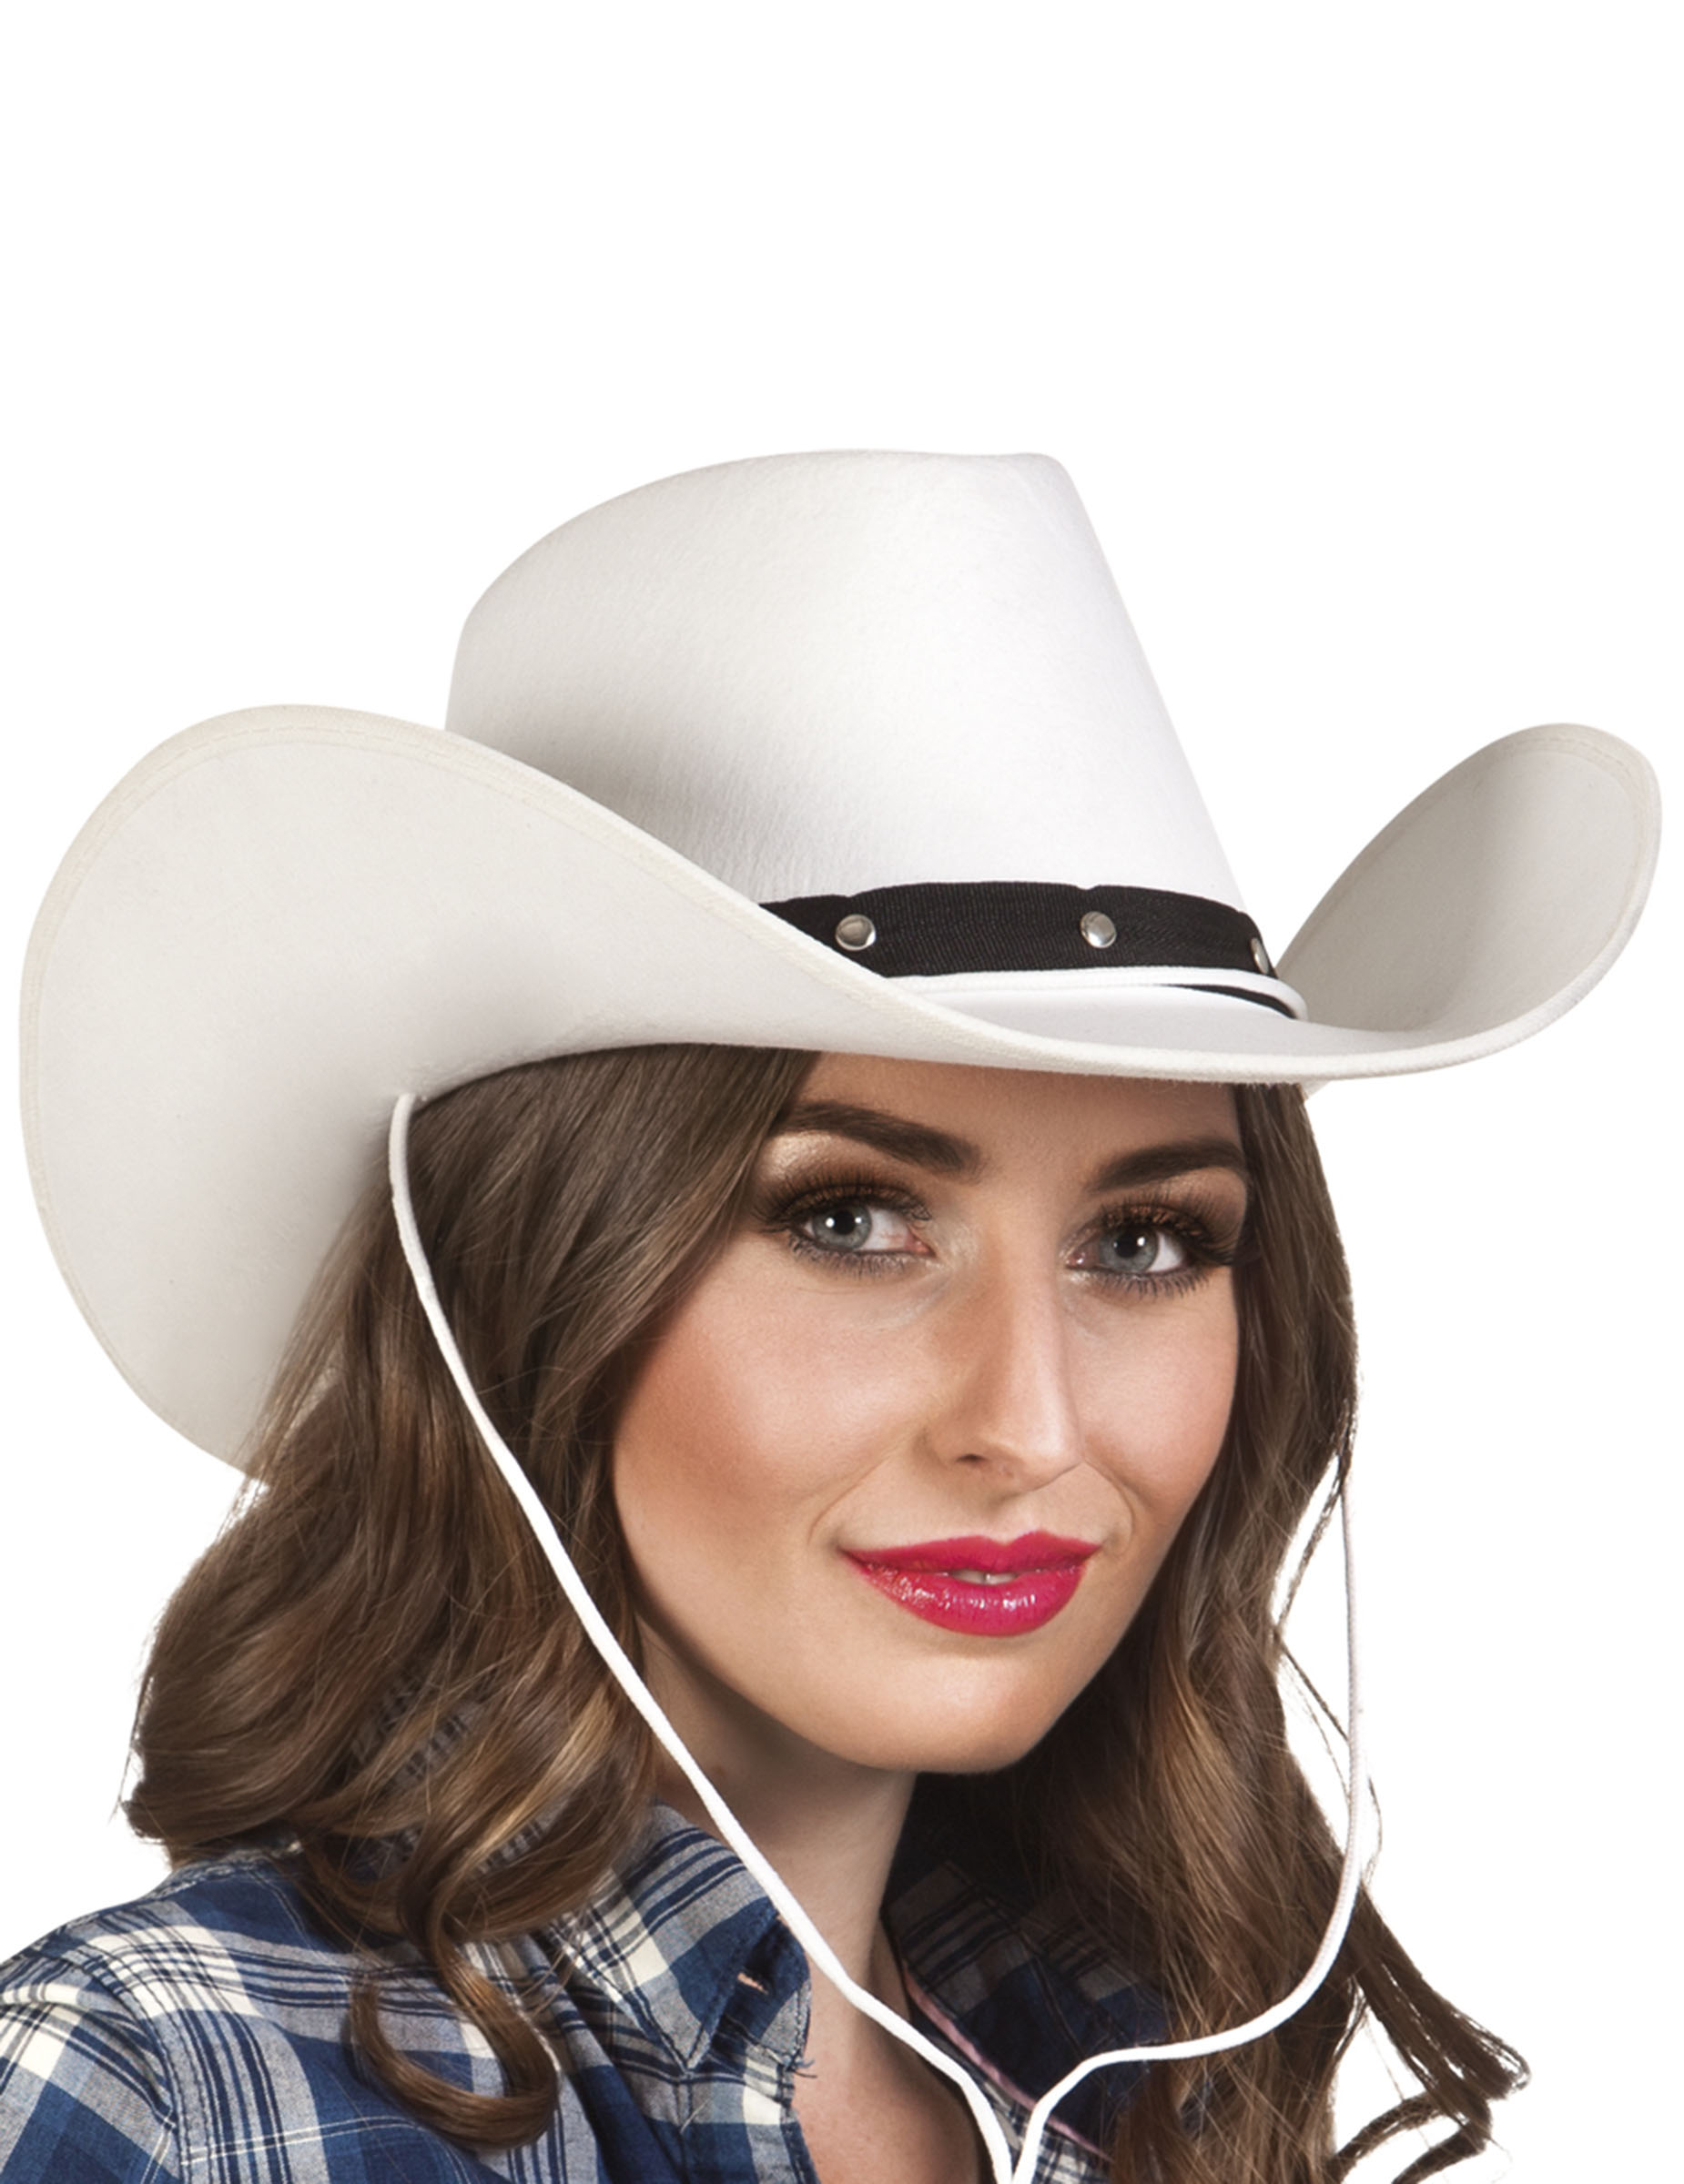 Cappello Cowboy bianco per adulto  Cappelli a3749eeaa5aa